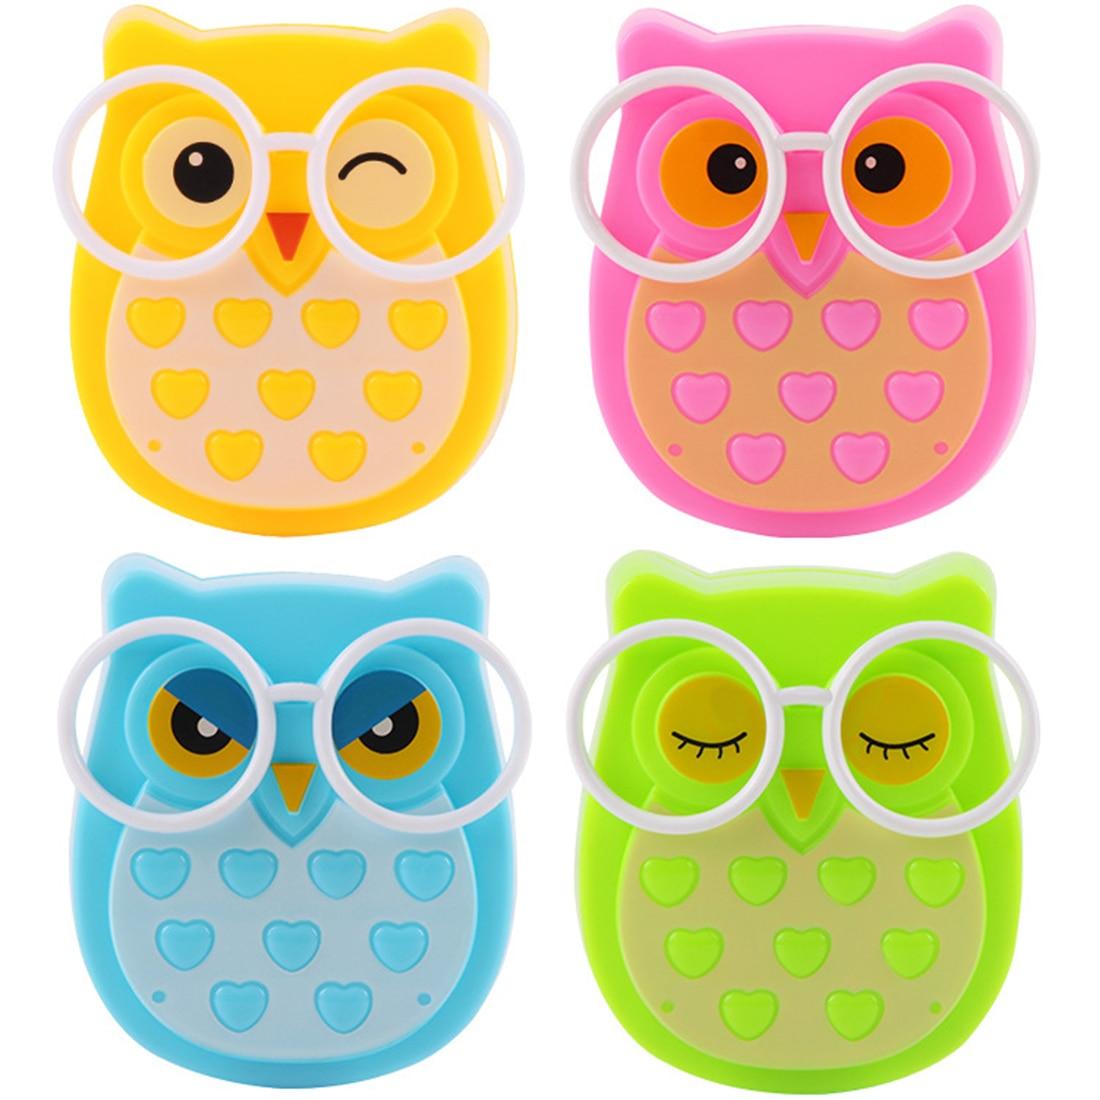 Mini Owl Led Night Light Auto Sensor Light Control Lamp US Plug Child Kids Baby Lighting Room Lamp Animal Socket